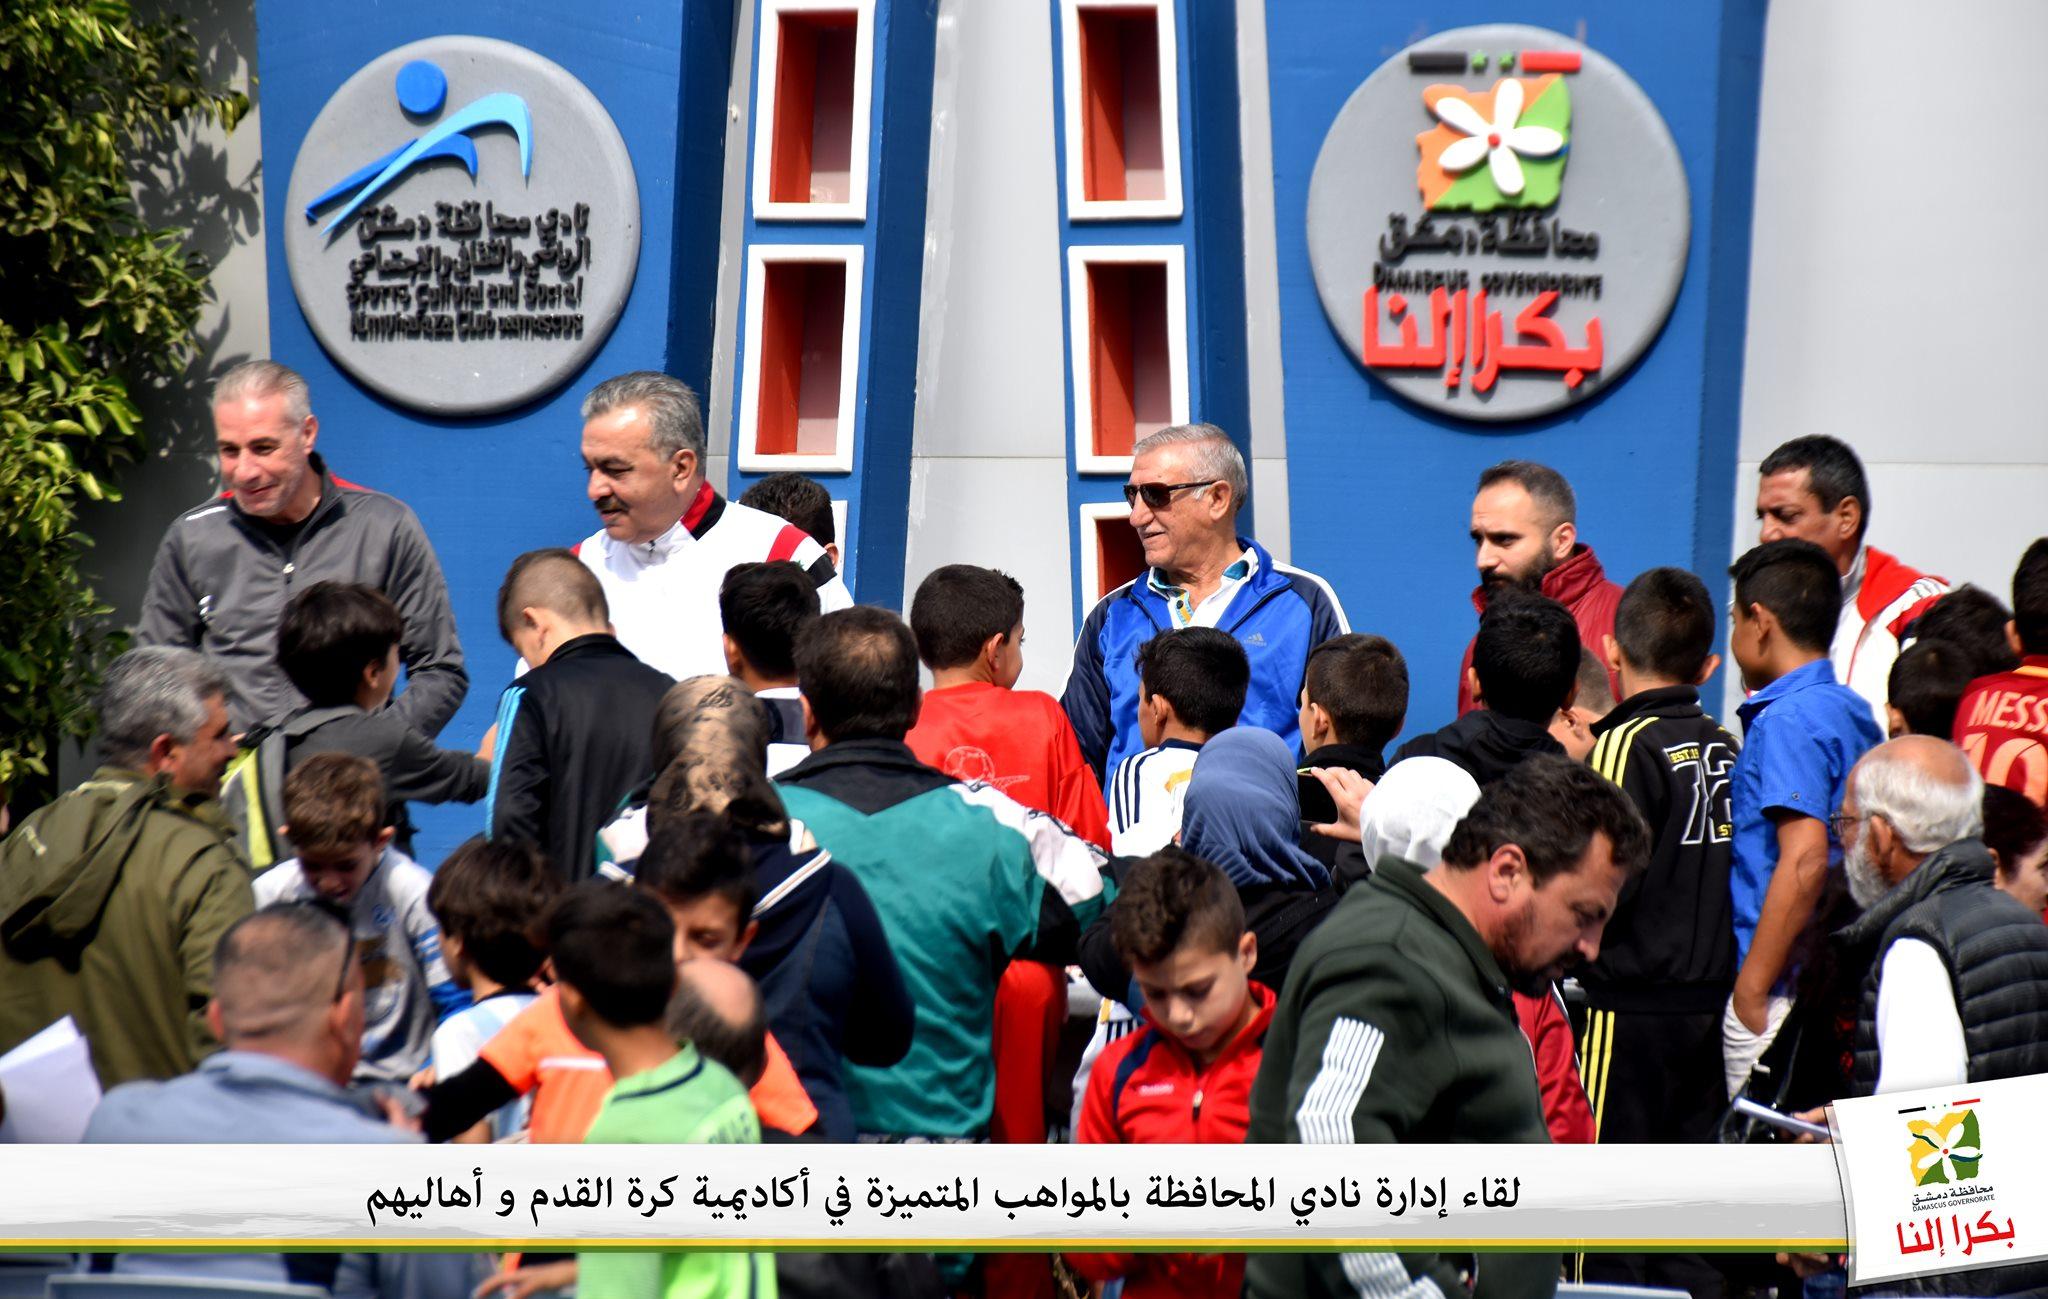 إدارة نادي المحافظة الرياضيّ ومشروع بكرا إلنا تجتمع مع متميّزي أكاديميّة كرة القدم في النادي